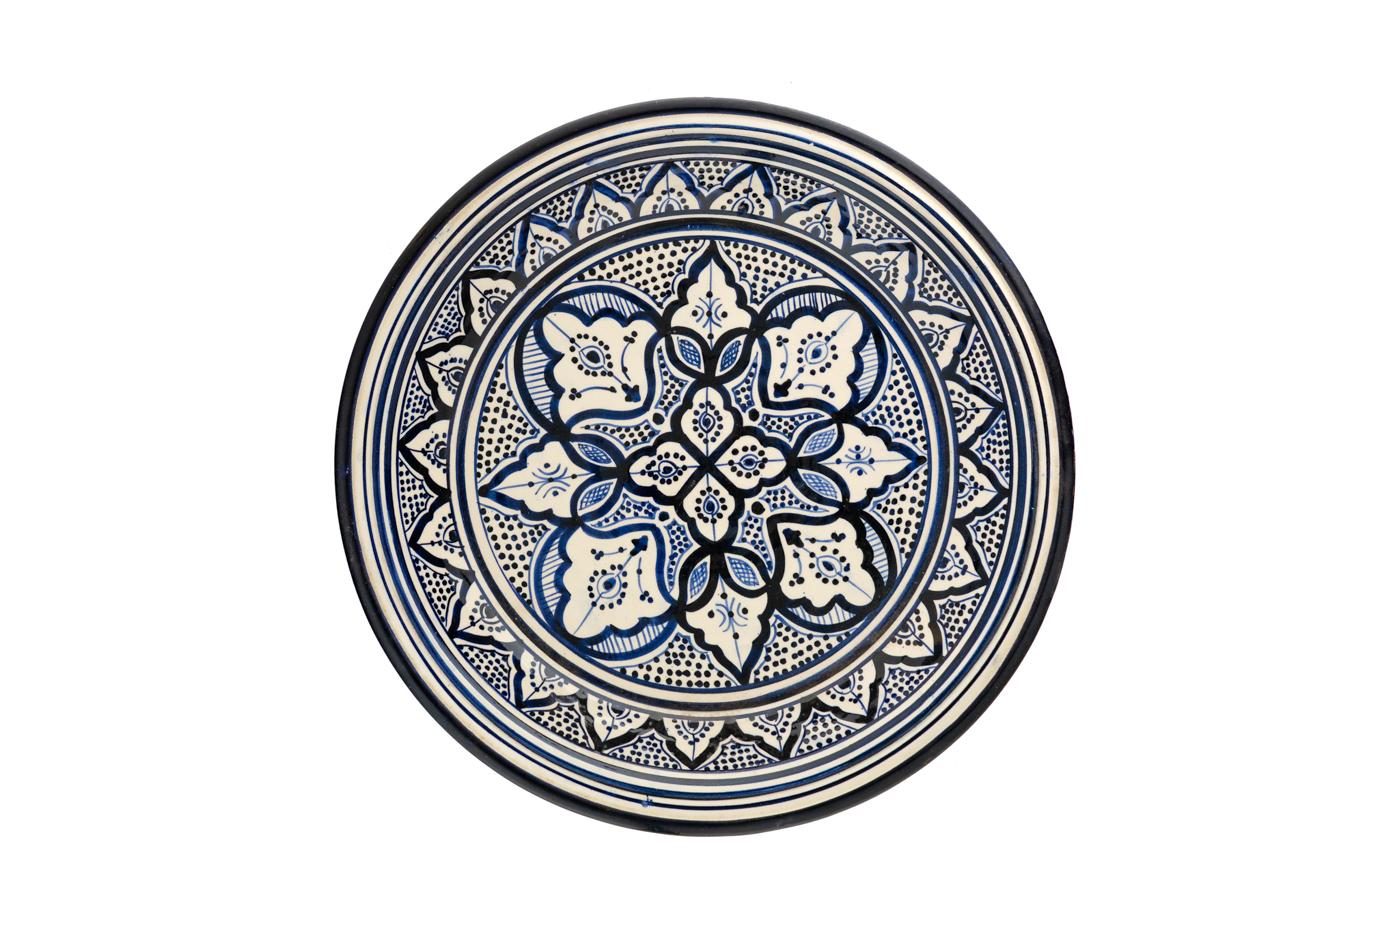 Bandeja en cerámica Marroquí pintada con diseños de arabescos florales- Blanco/ azul